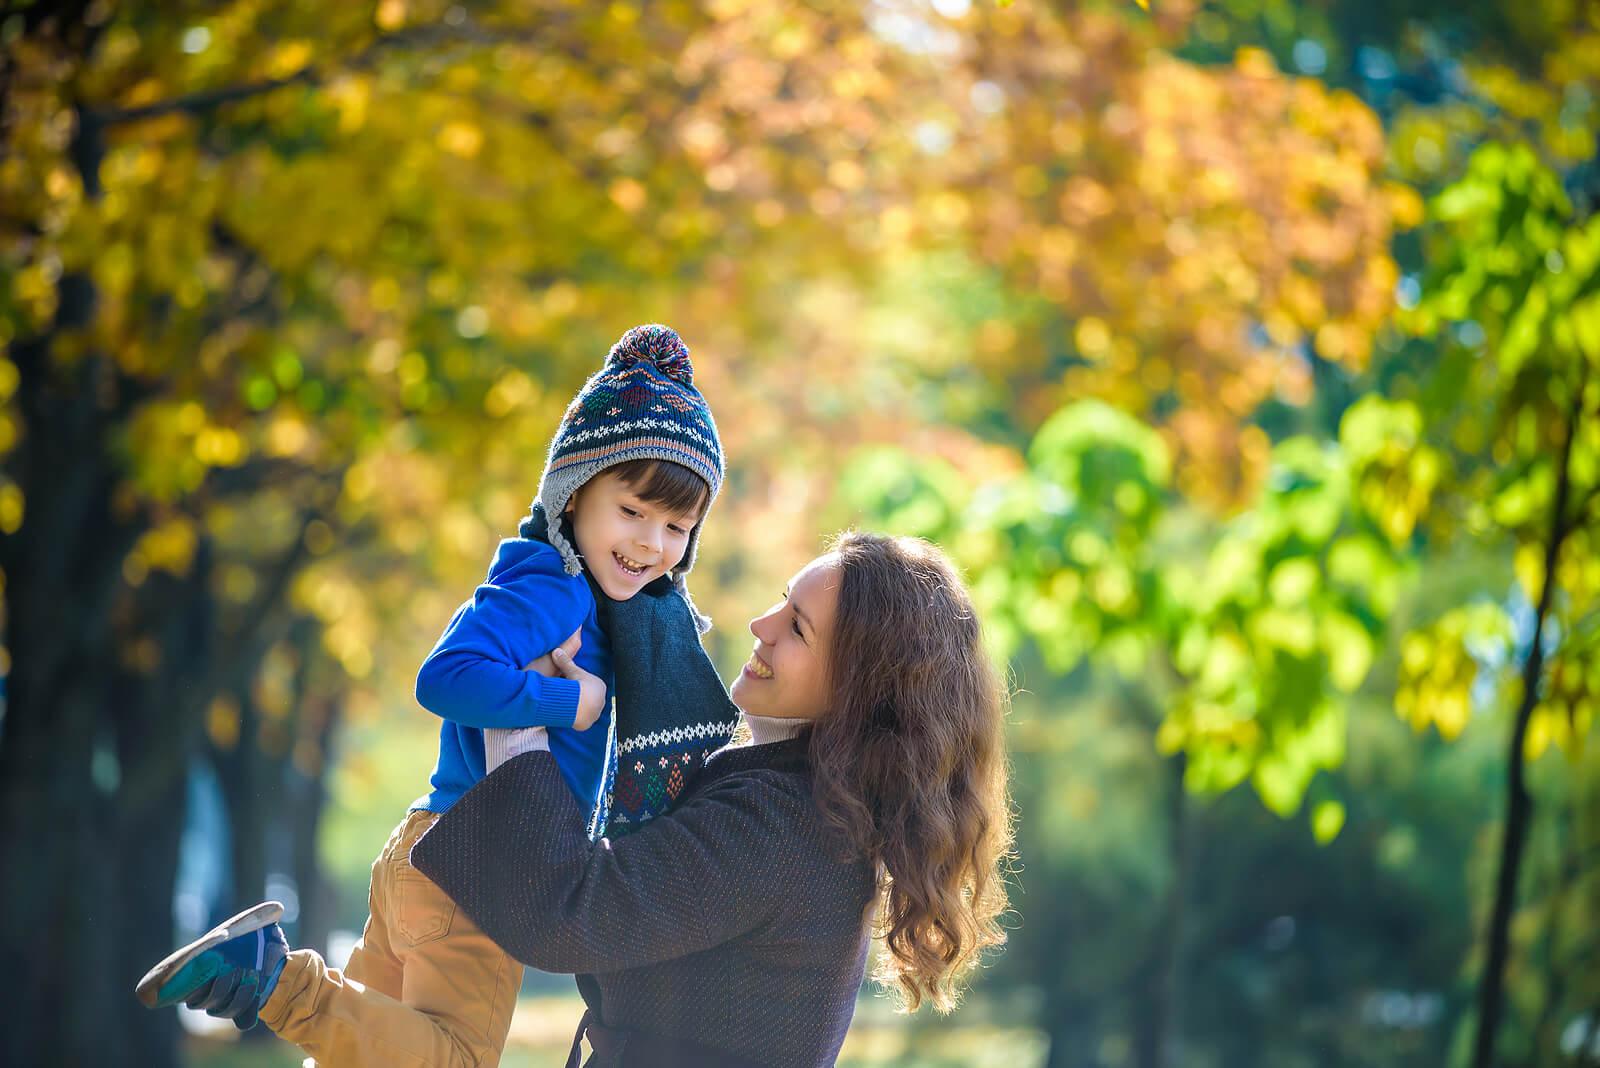 Madre jugando con su hijo en un parque en otoño.